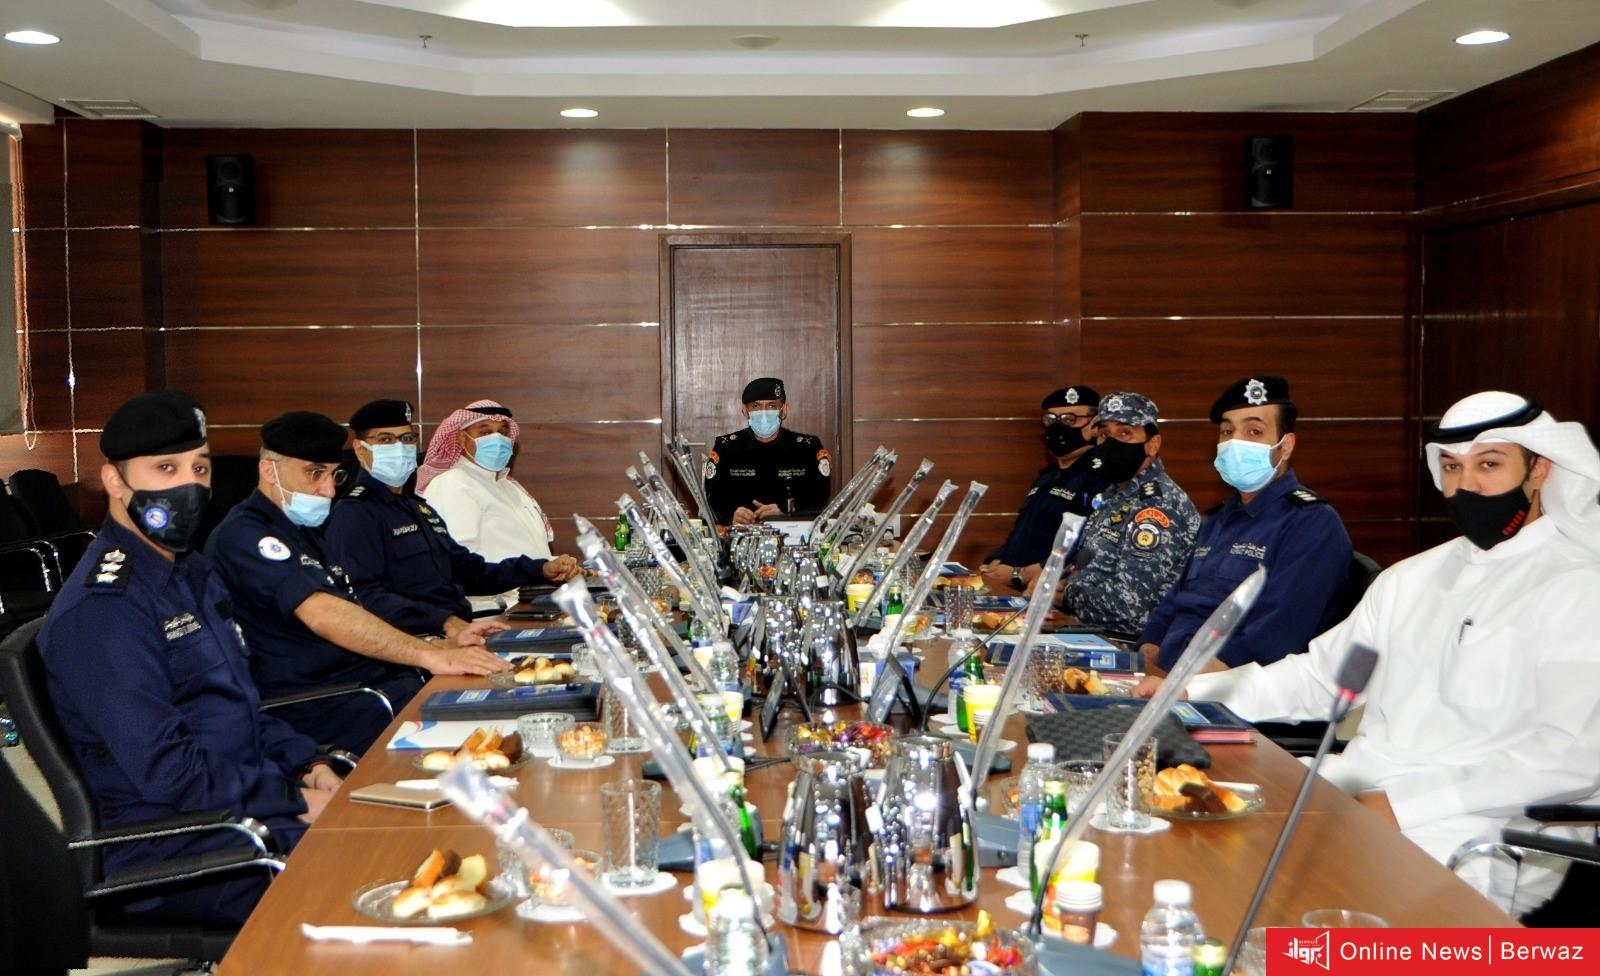 97c1d3c7 bddb 41a5 bd45 59185fd6bfab - الشرطة الرياضي يعلن عودة المسابقات لكل قطاعات وزارة الداخلية مع الإلتزام بالاشتراطات الصحية